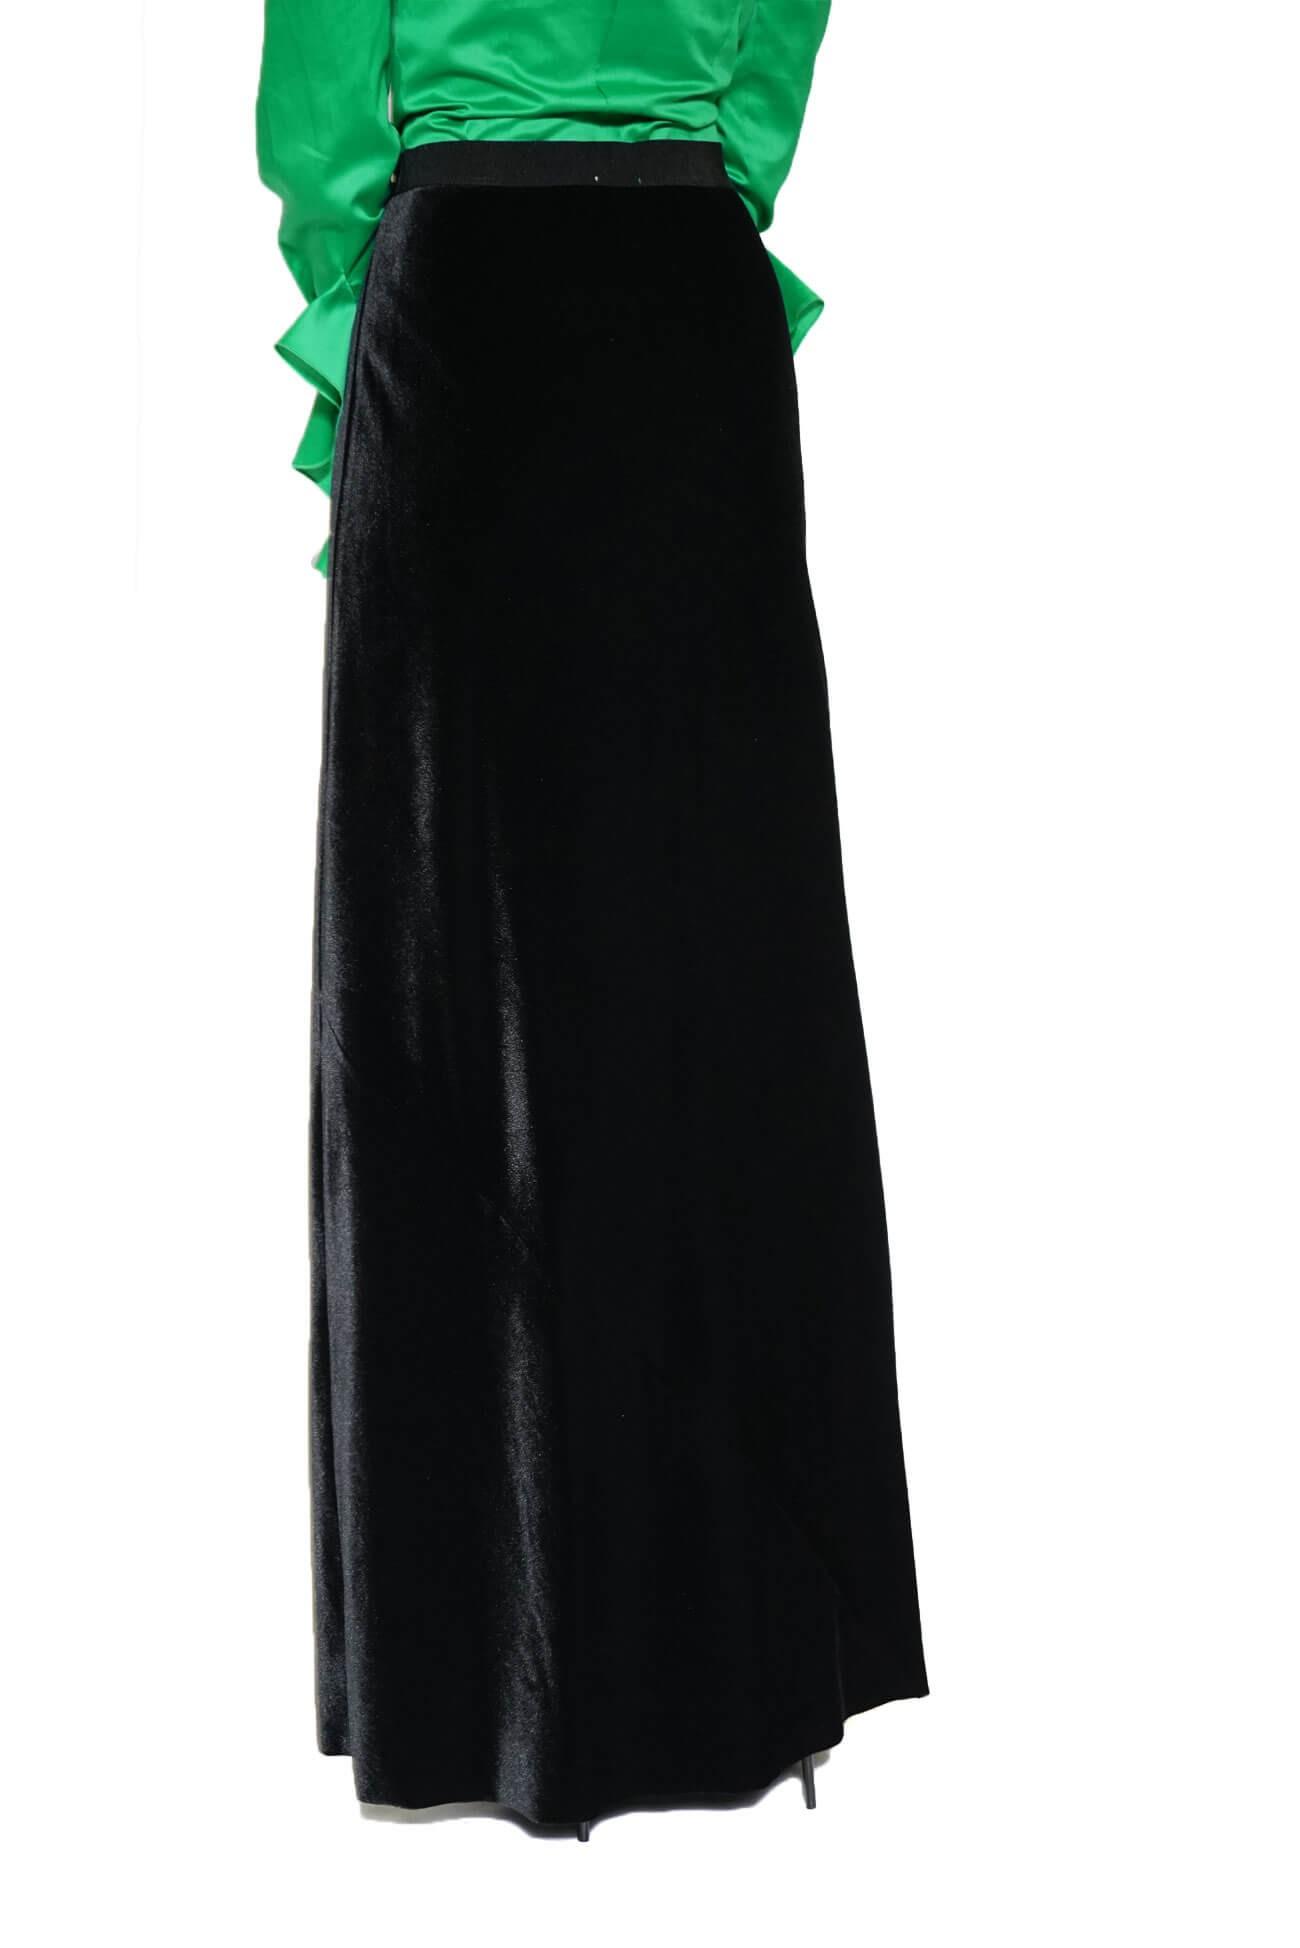 Fusta lunga pe bie neagra din catifea Ref  651958-19-36